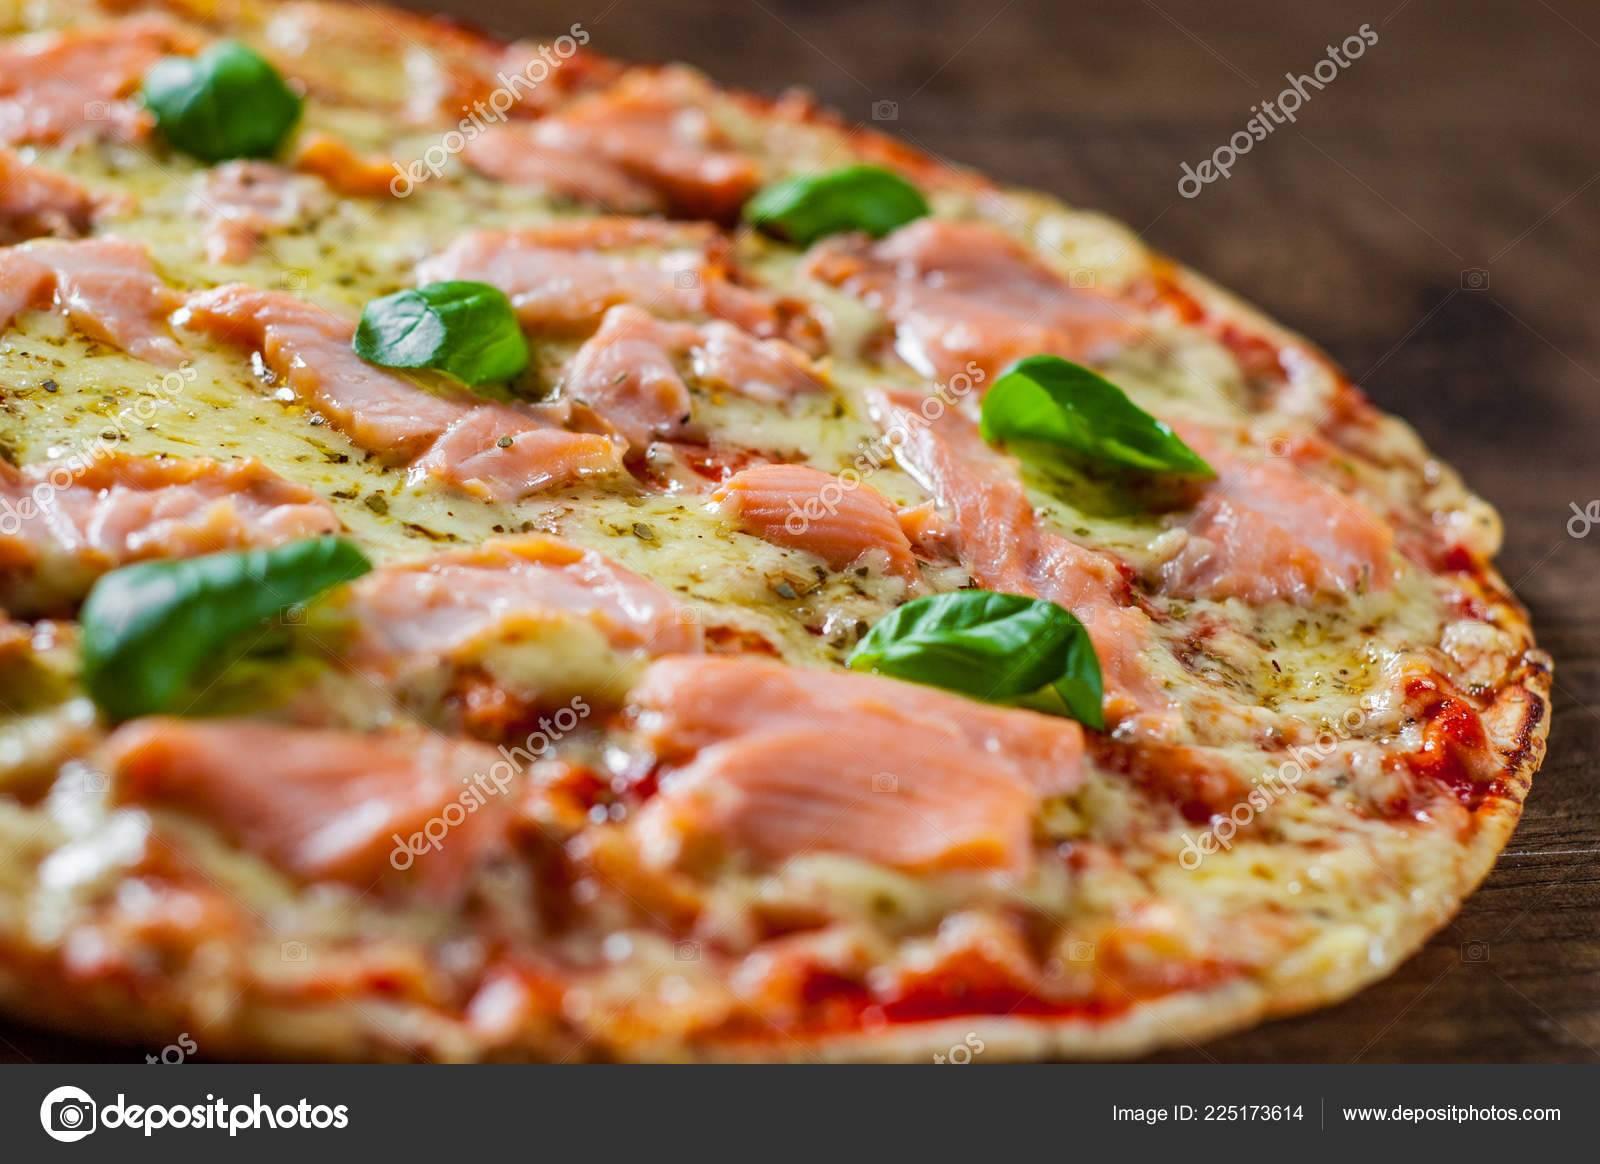 Уникальный рецепт белого сырного соуса для пиццы как в пиццерии